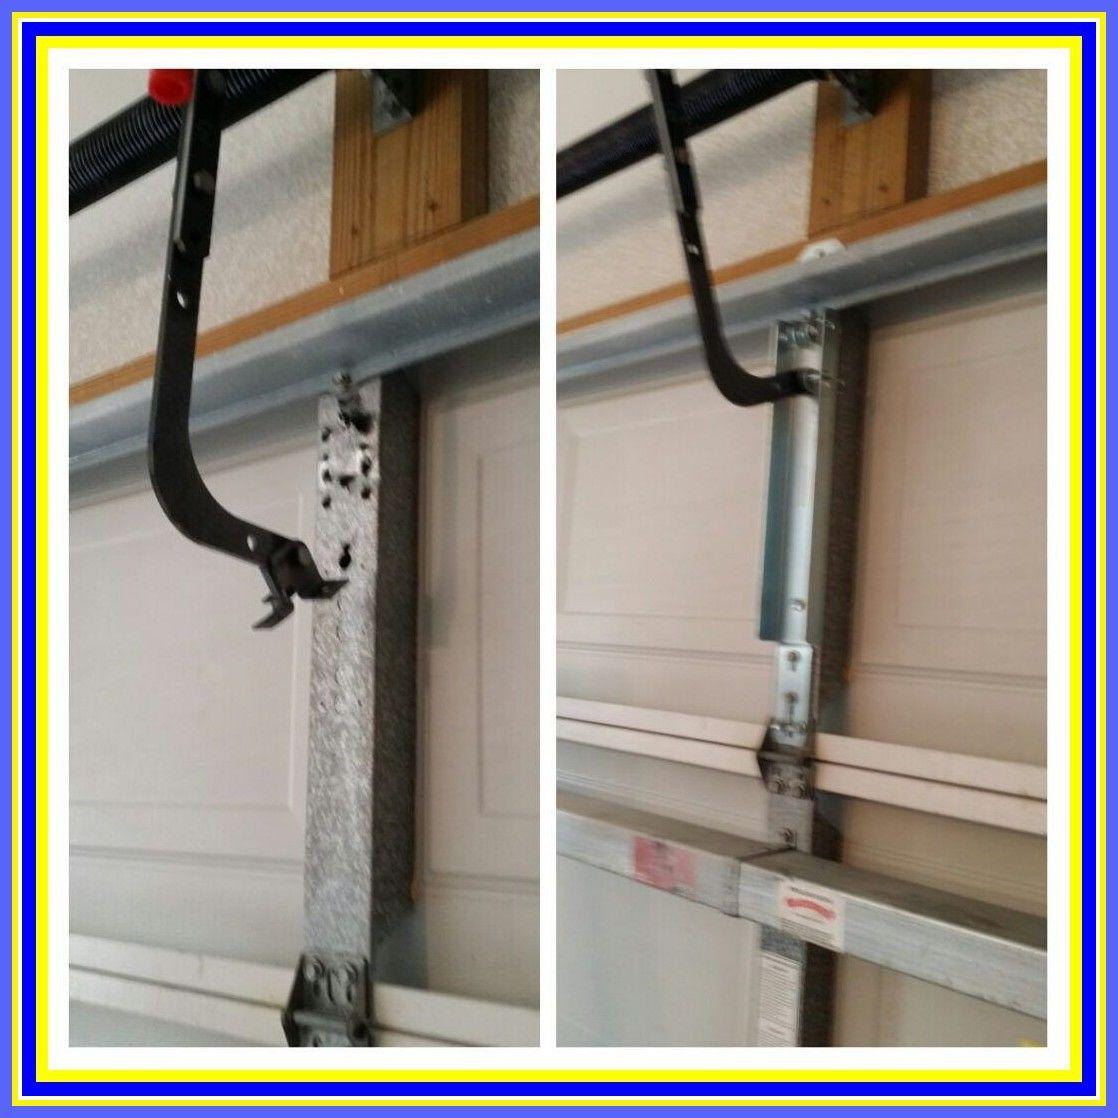 how to change garage door opener code clicker